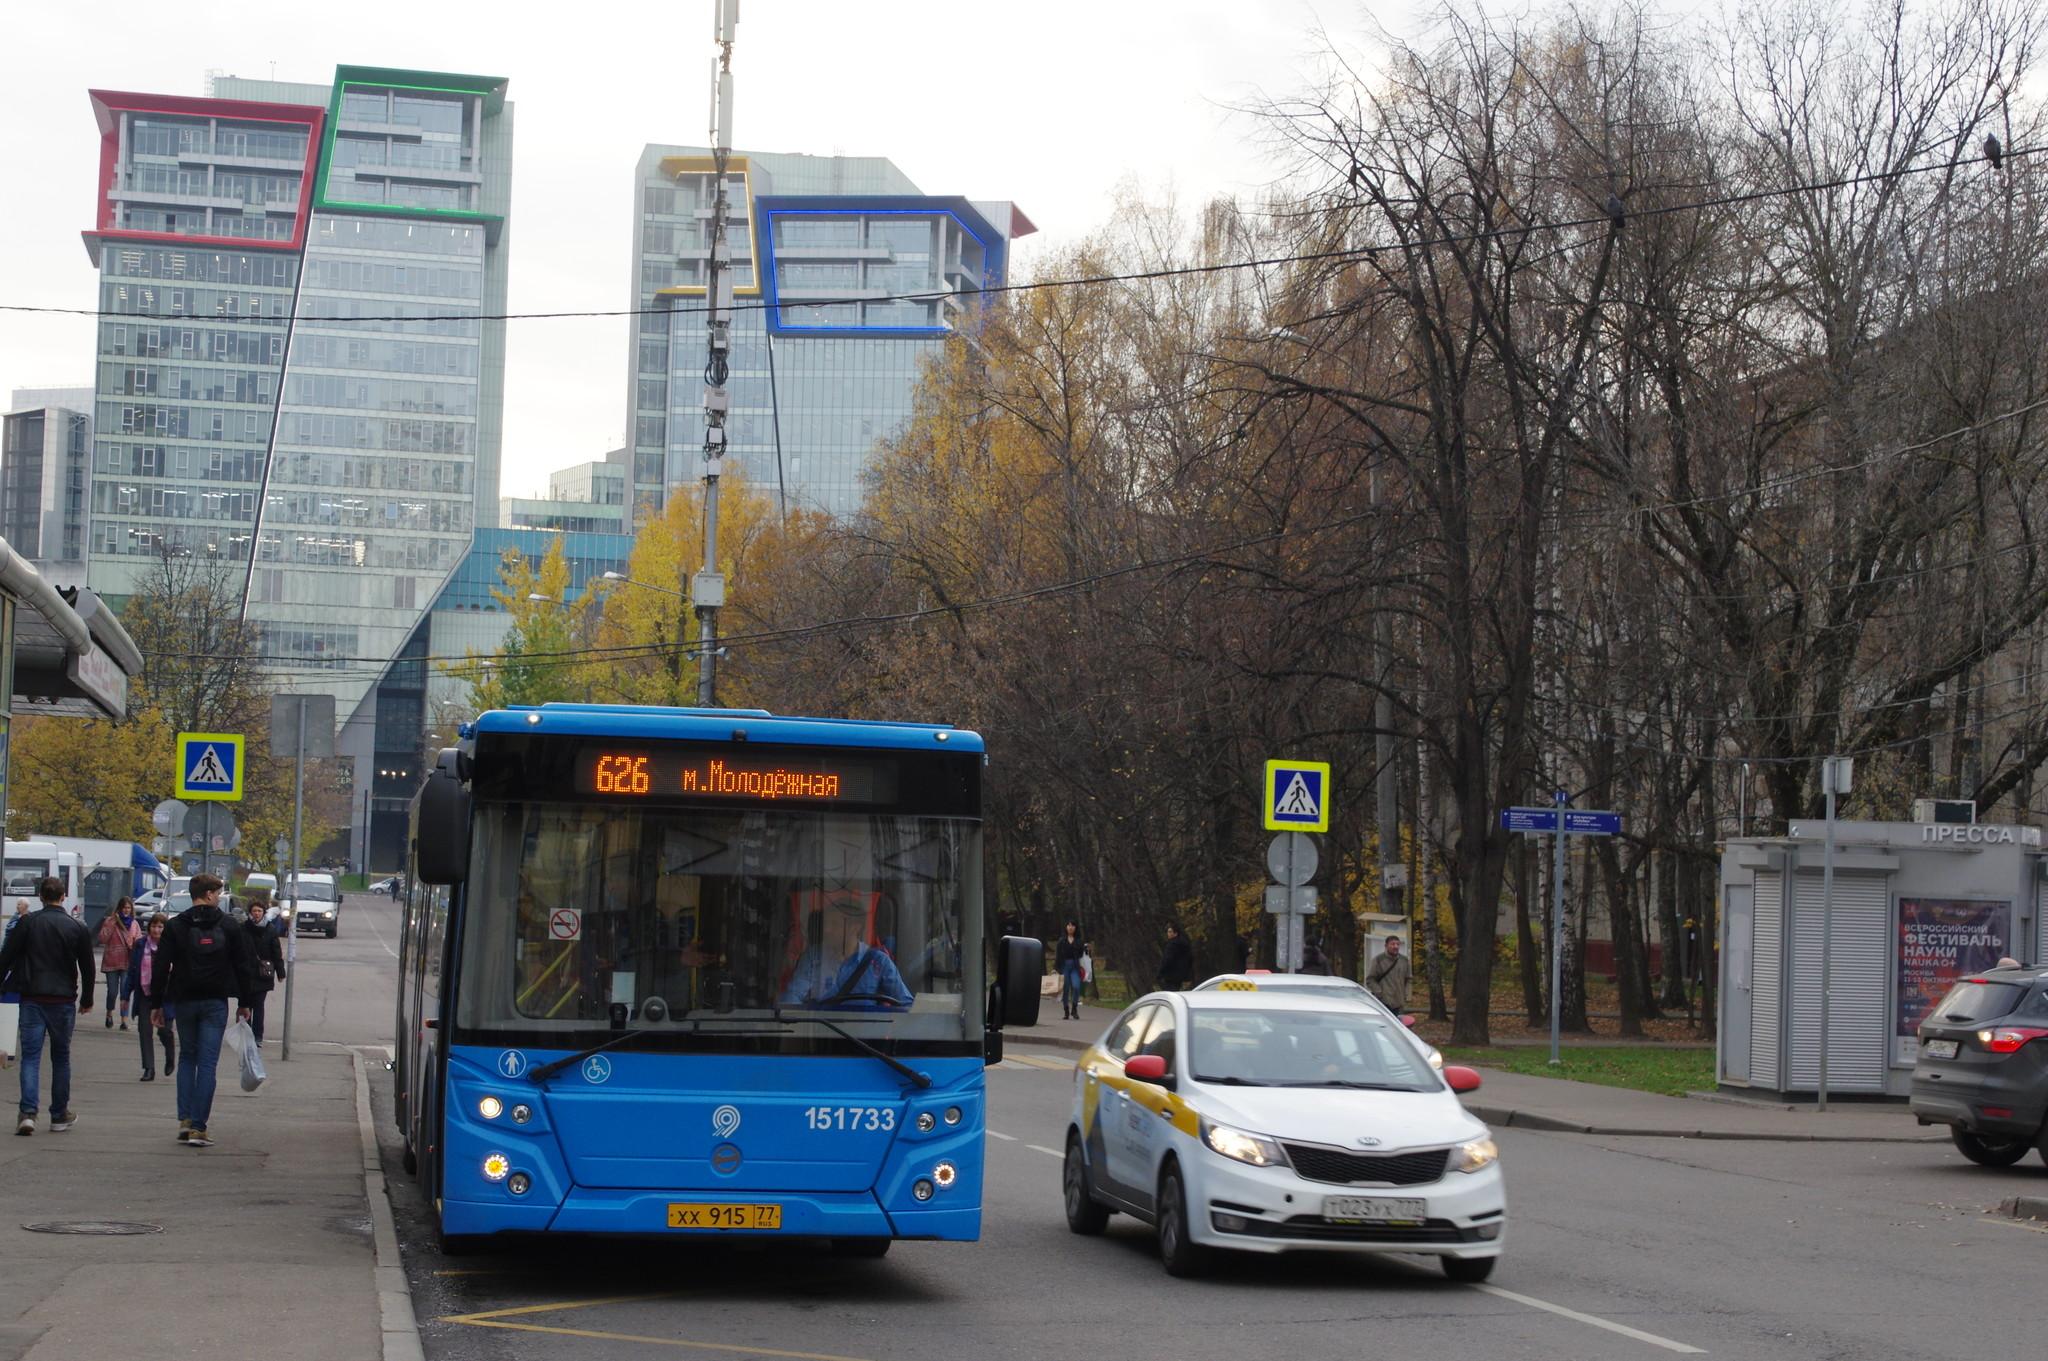 Автобус ЛиАЗ-5292.65№ 151733 на маршруте № 626 (госномер: хх 915 77 rus) на остановке «Метро Молодёжная»